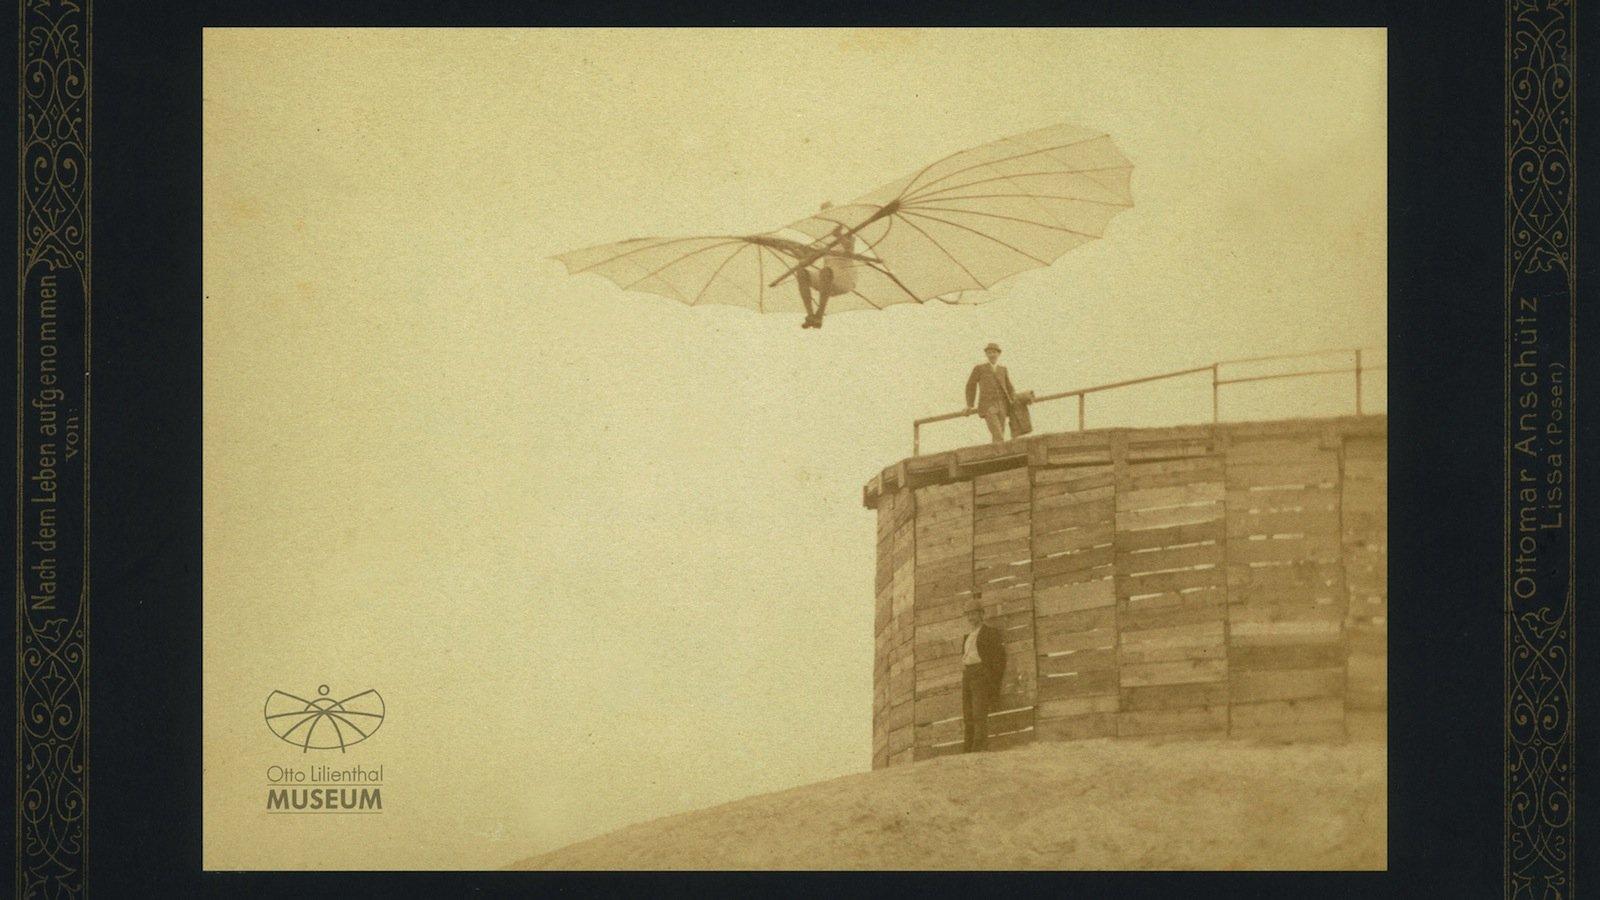 1893 hatte Lilienthal auf der Maihöhe in Steglitz eine Fliegestation errichtet, die als Absprungstation und Gleiterschuppen diente. Die Aufnahme machte Ottomar Anschütte.